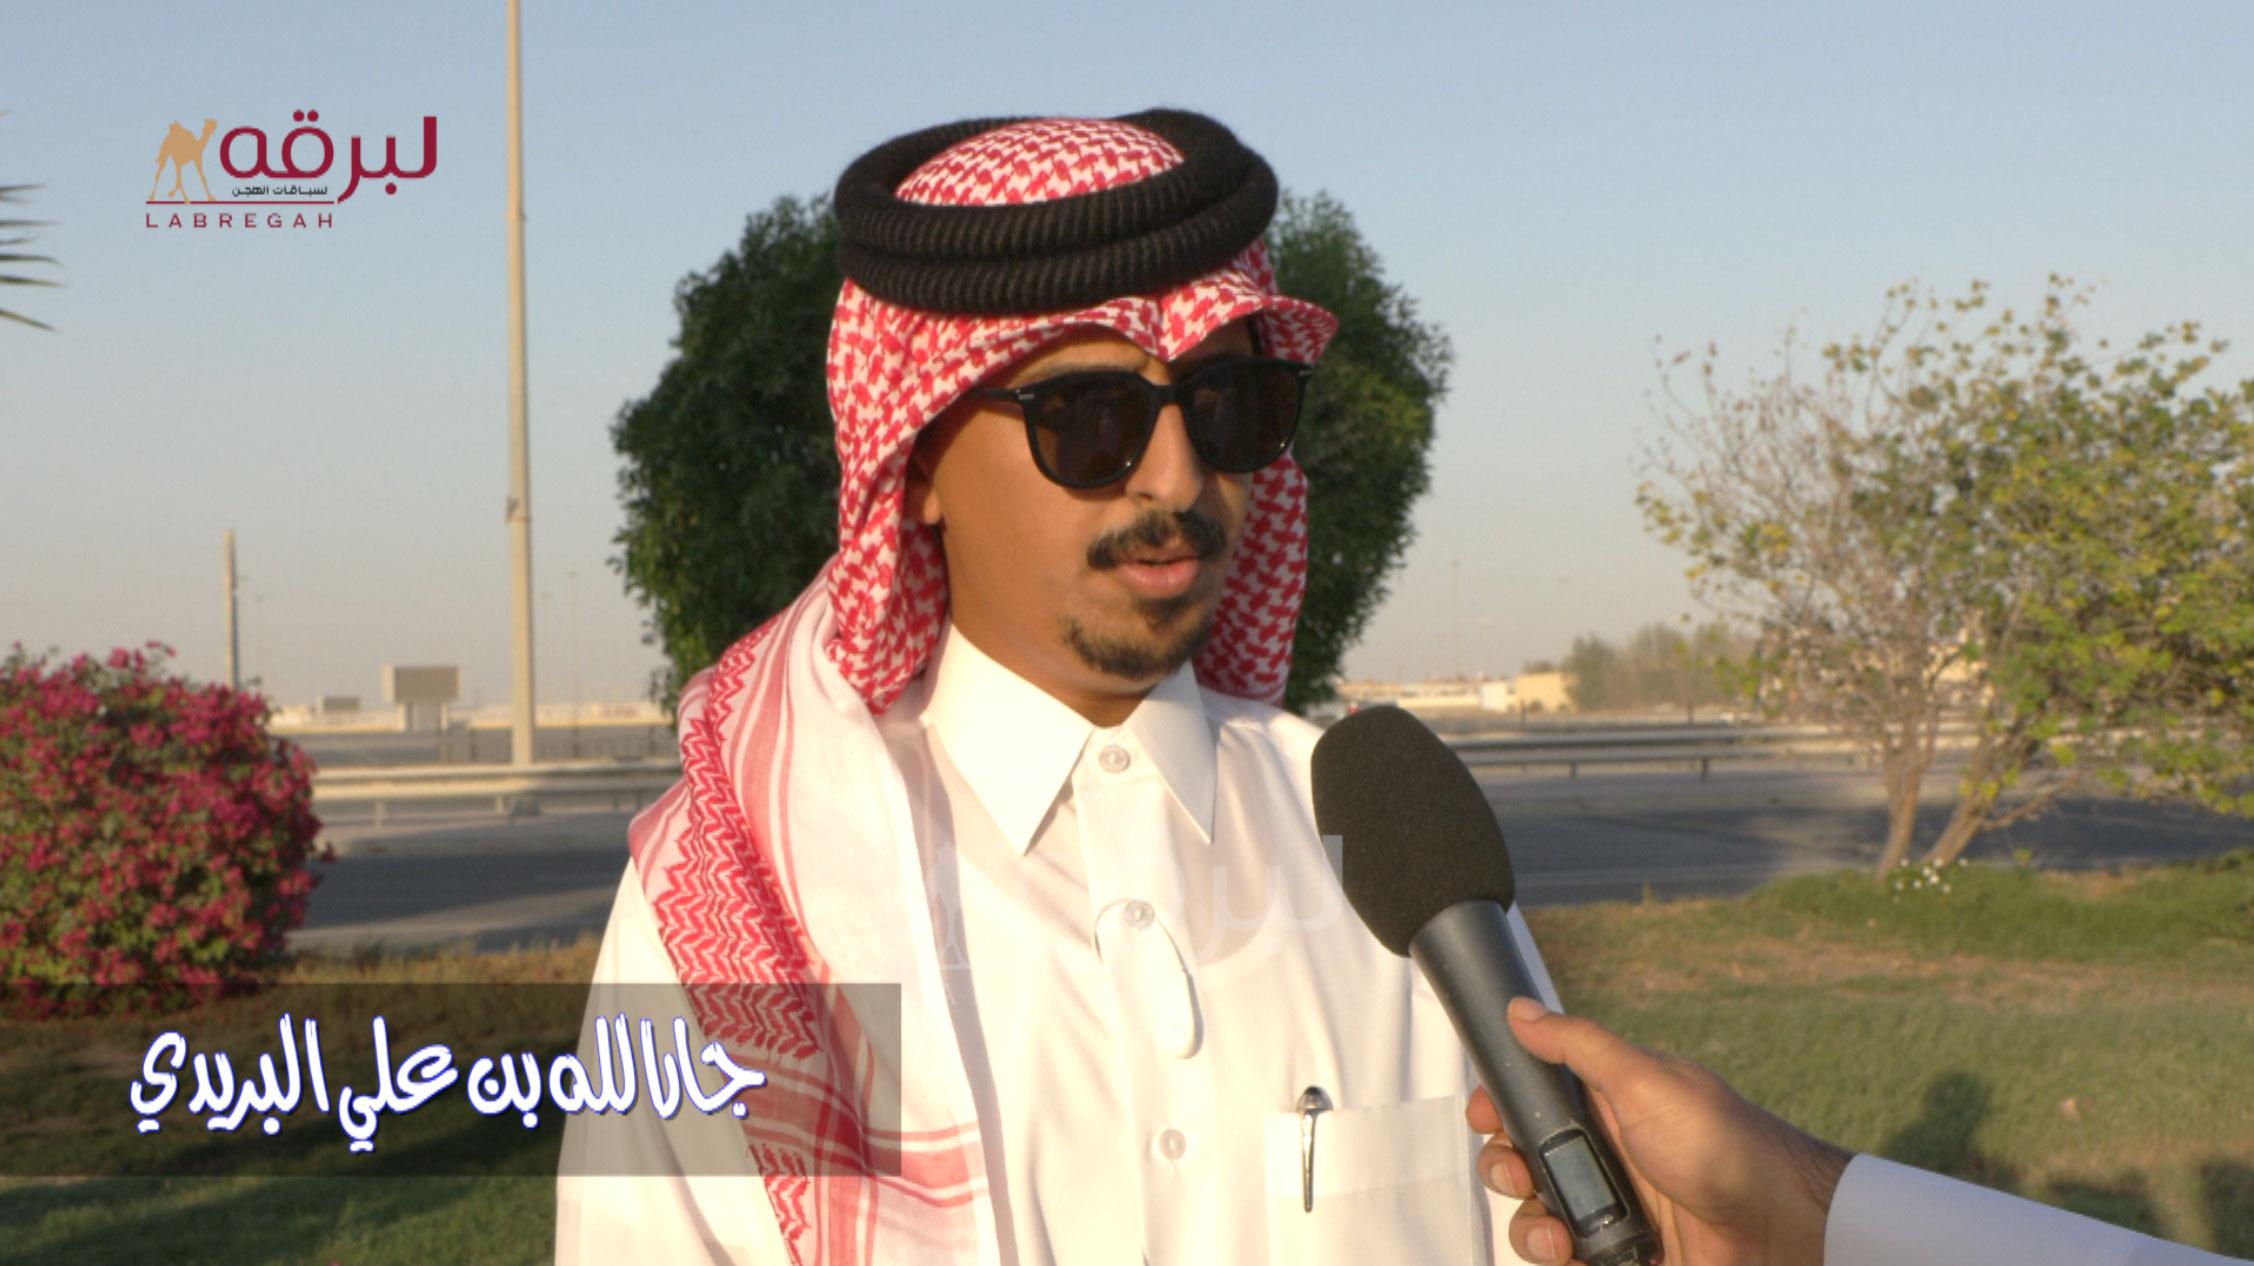 لقاء مع جارالله بن علي البريدي.. الشوط الرئيسي للقايا بكار (إنتاج) الأشواط العامة  ٢٢-١٠-٢٠٢١